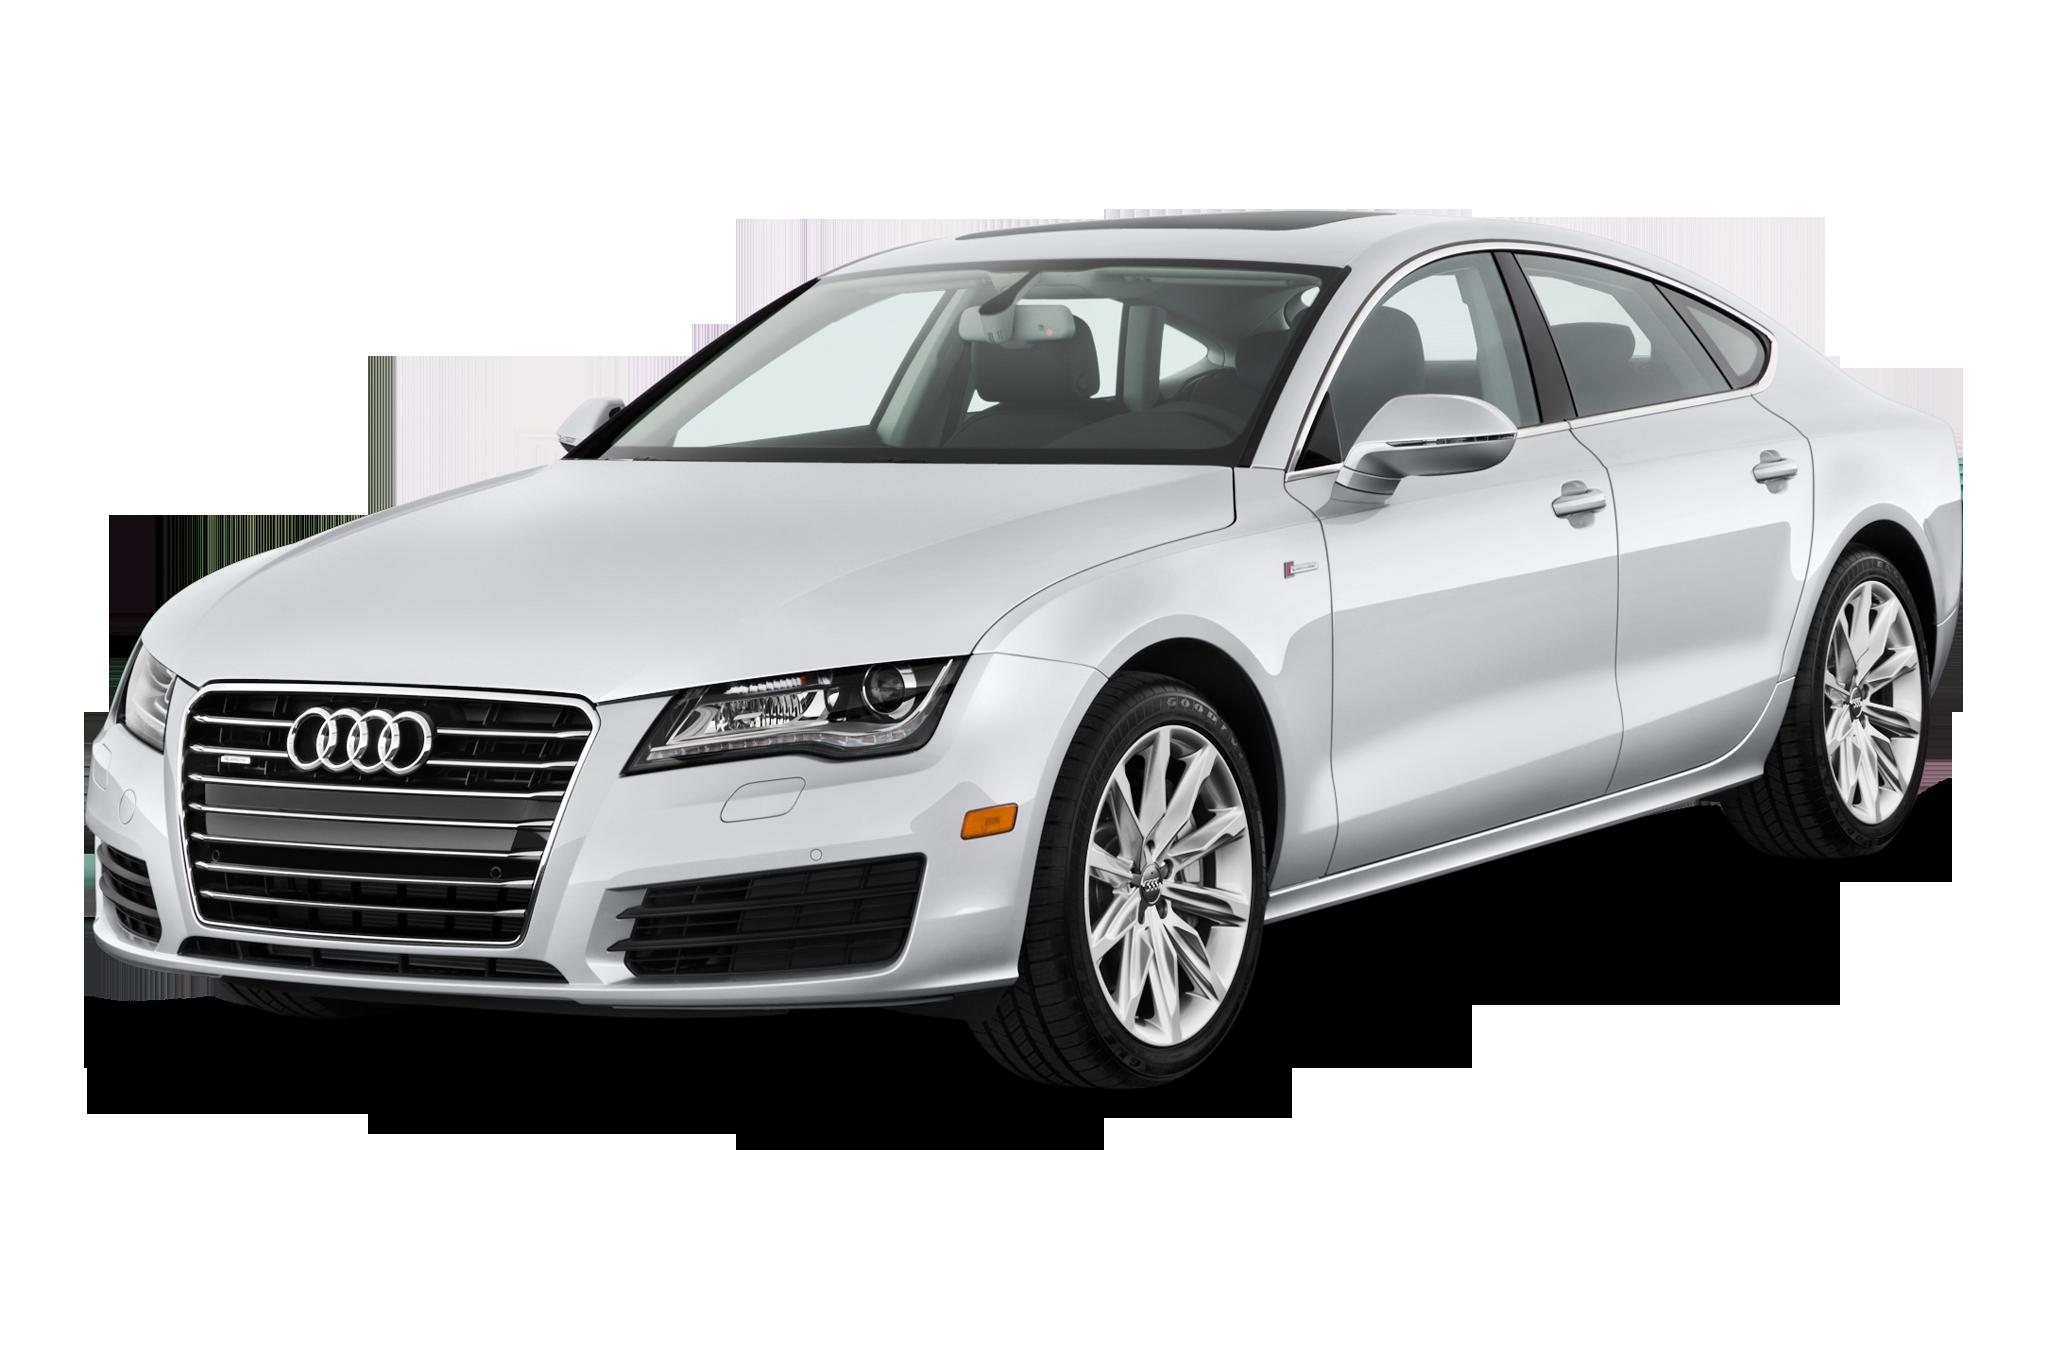 Bảo hiểm VCX ô tô cho xe ô tô Audi A7